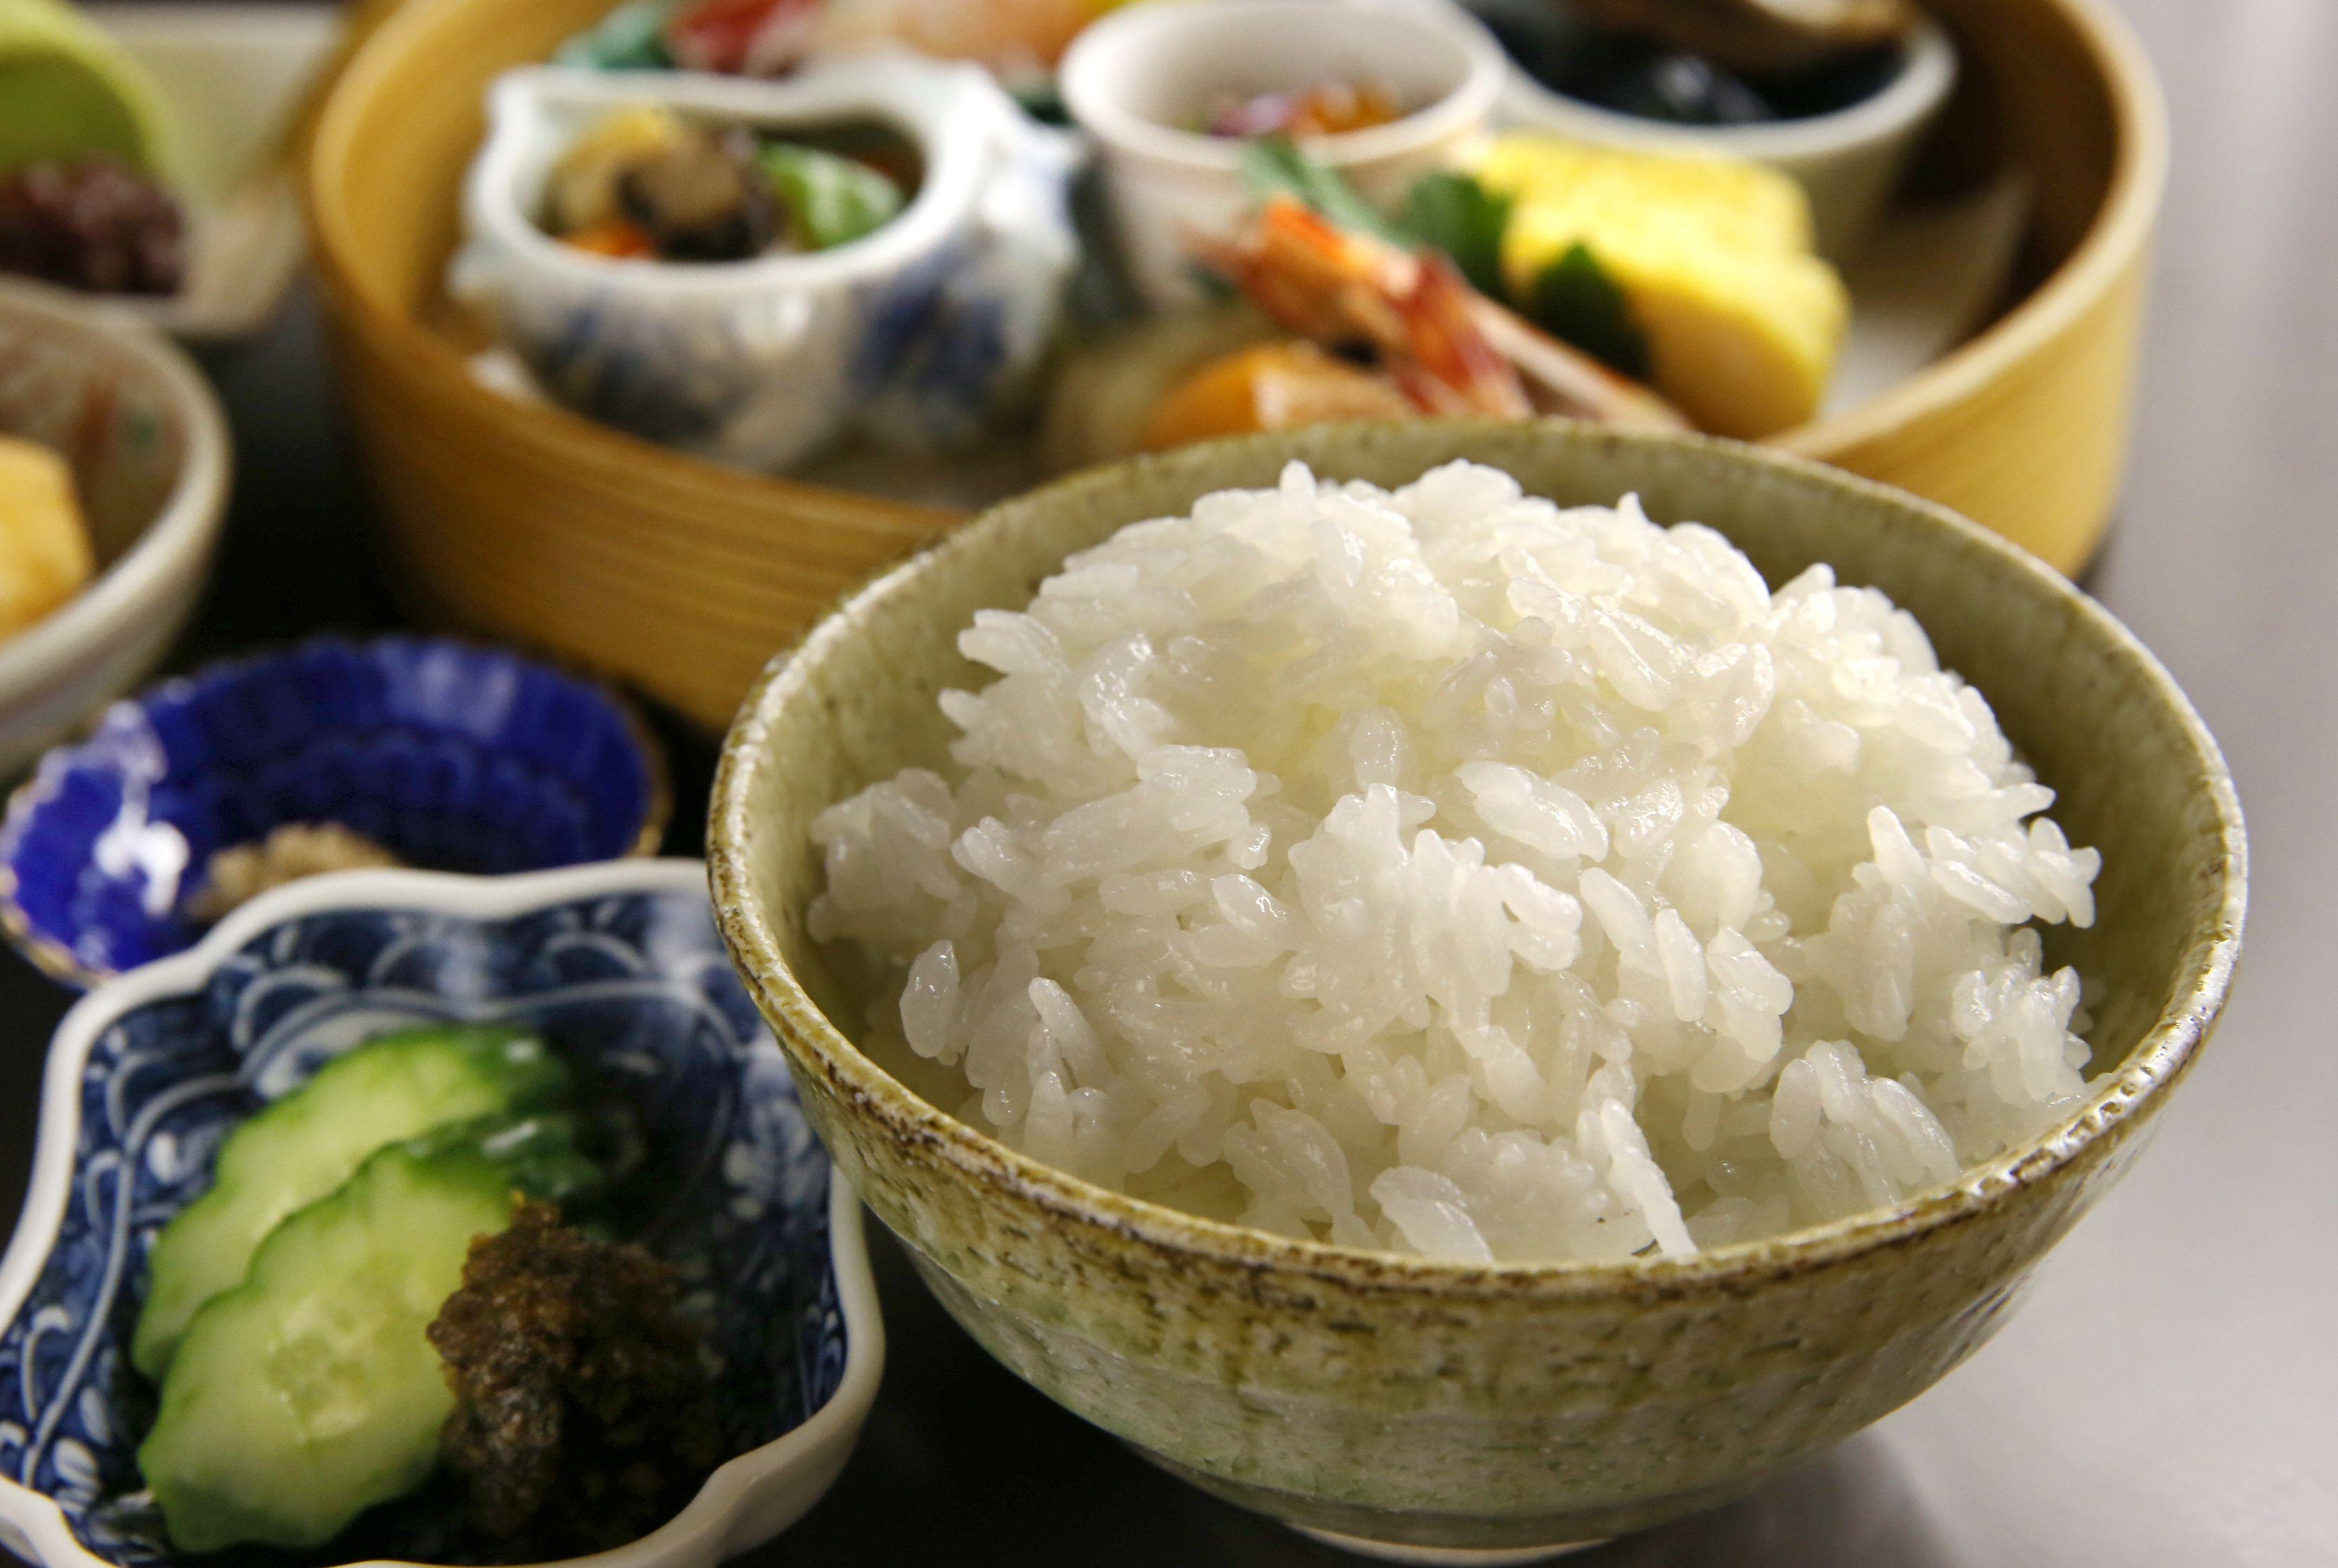 「新之助」を味わってもらおうと工夫されたメニュー。藻塩なども添えられている=新潟市中央区の新潟グランドホテル内